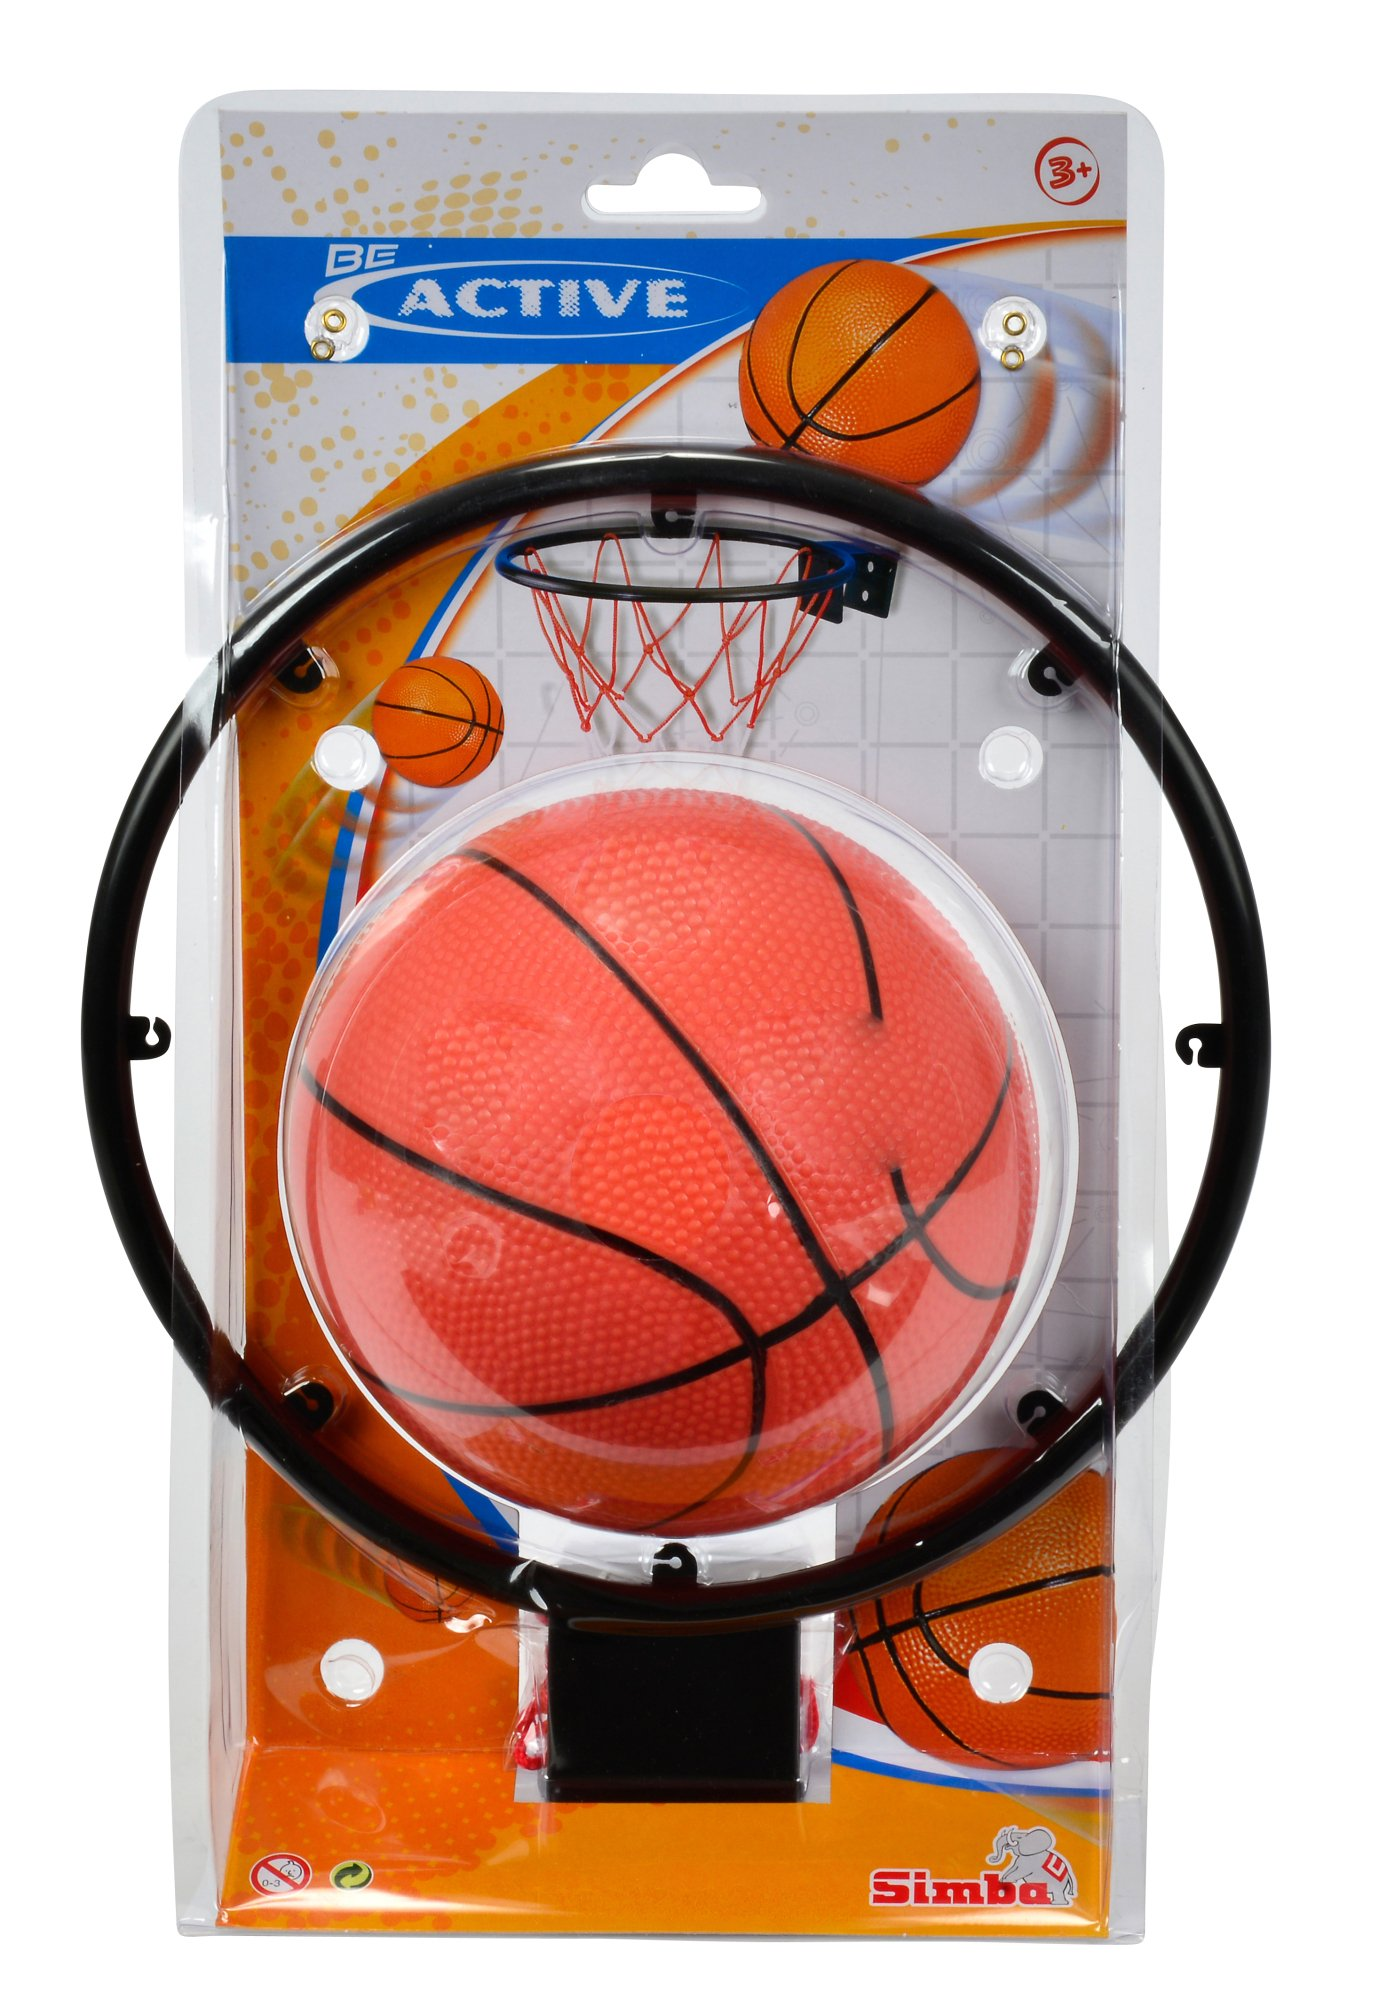 Sammeln & Seltenes MüHsam Spritzwasser Basketball Hoop Bad Spiel Kinder Und Kinder Bad Spielzeug Set Pools & Wasserspaß